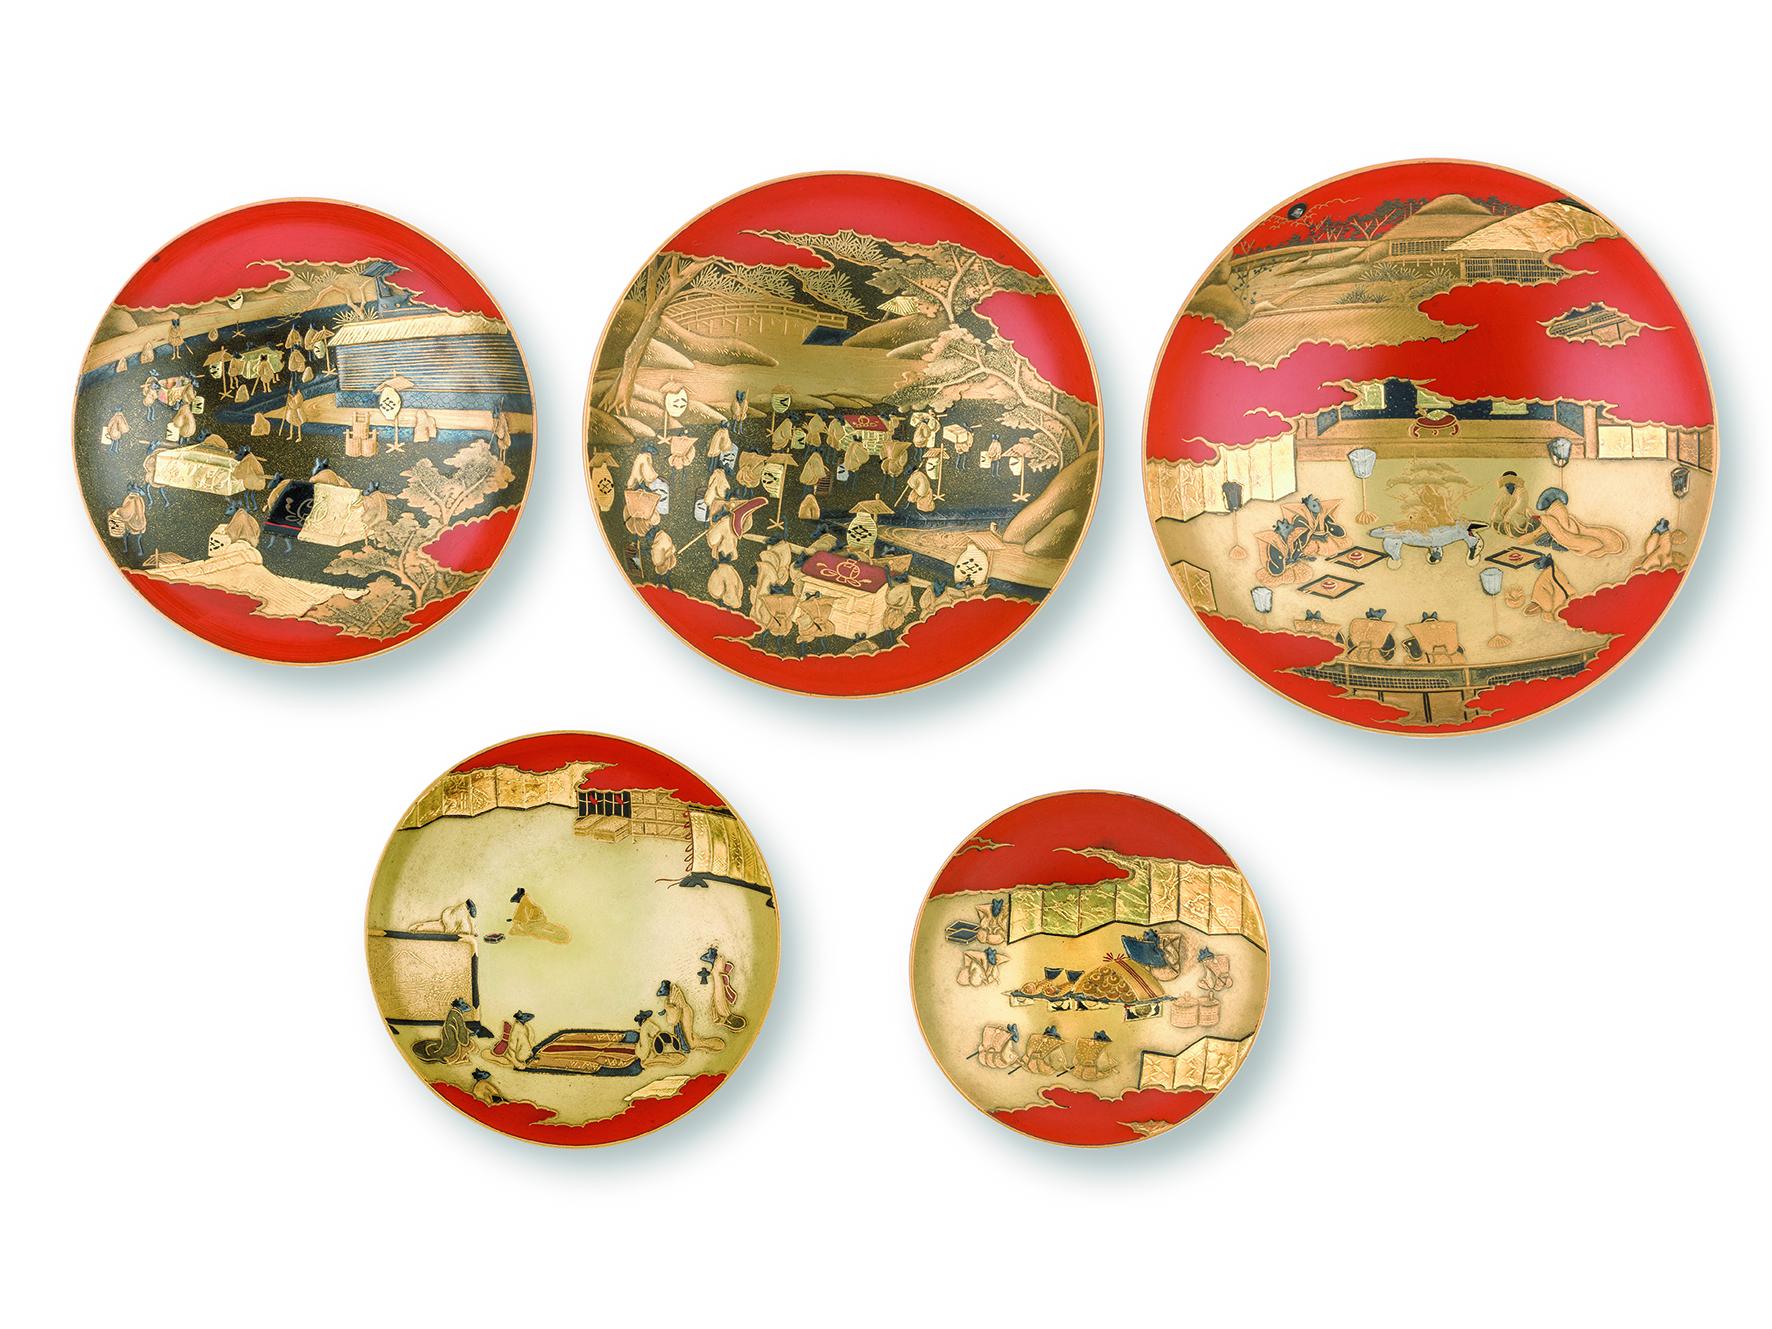 朱漆塗鼠嫁入蒔絵組盃(浮船/作) 江戸時代 19世紀 ベニス東洋美術館蔵